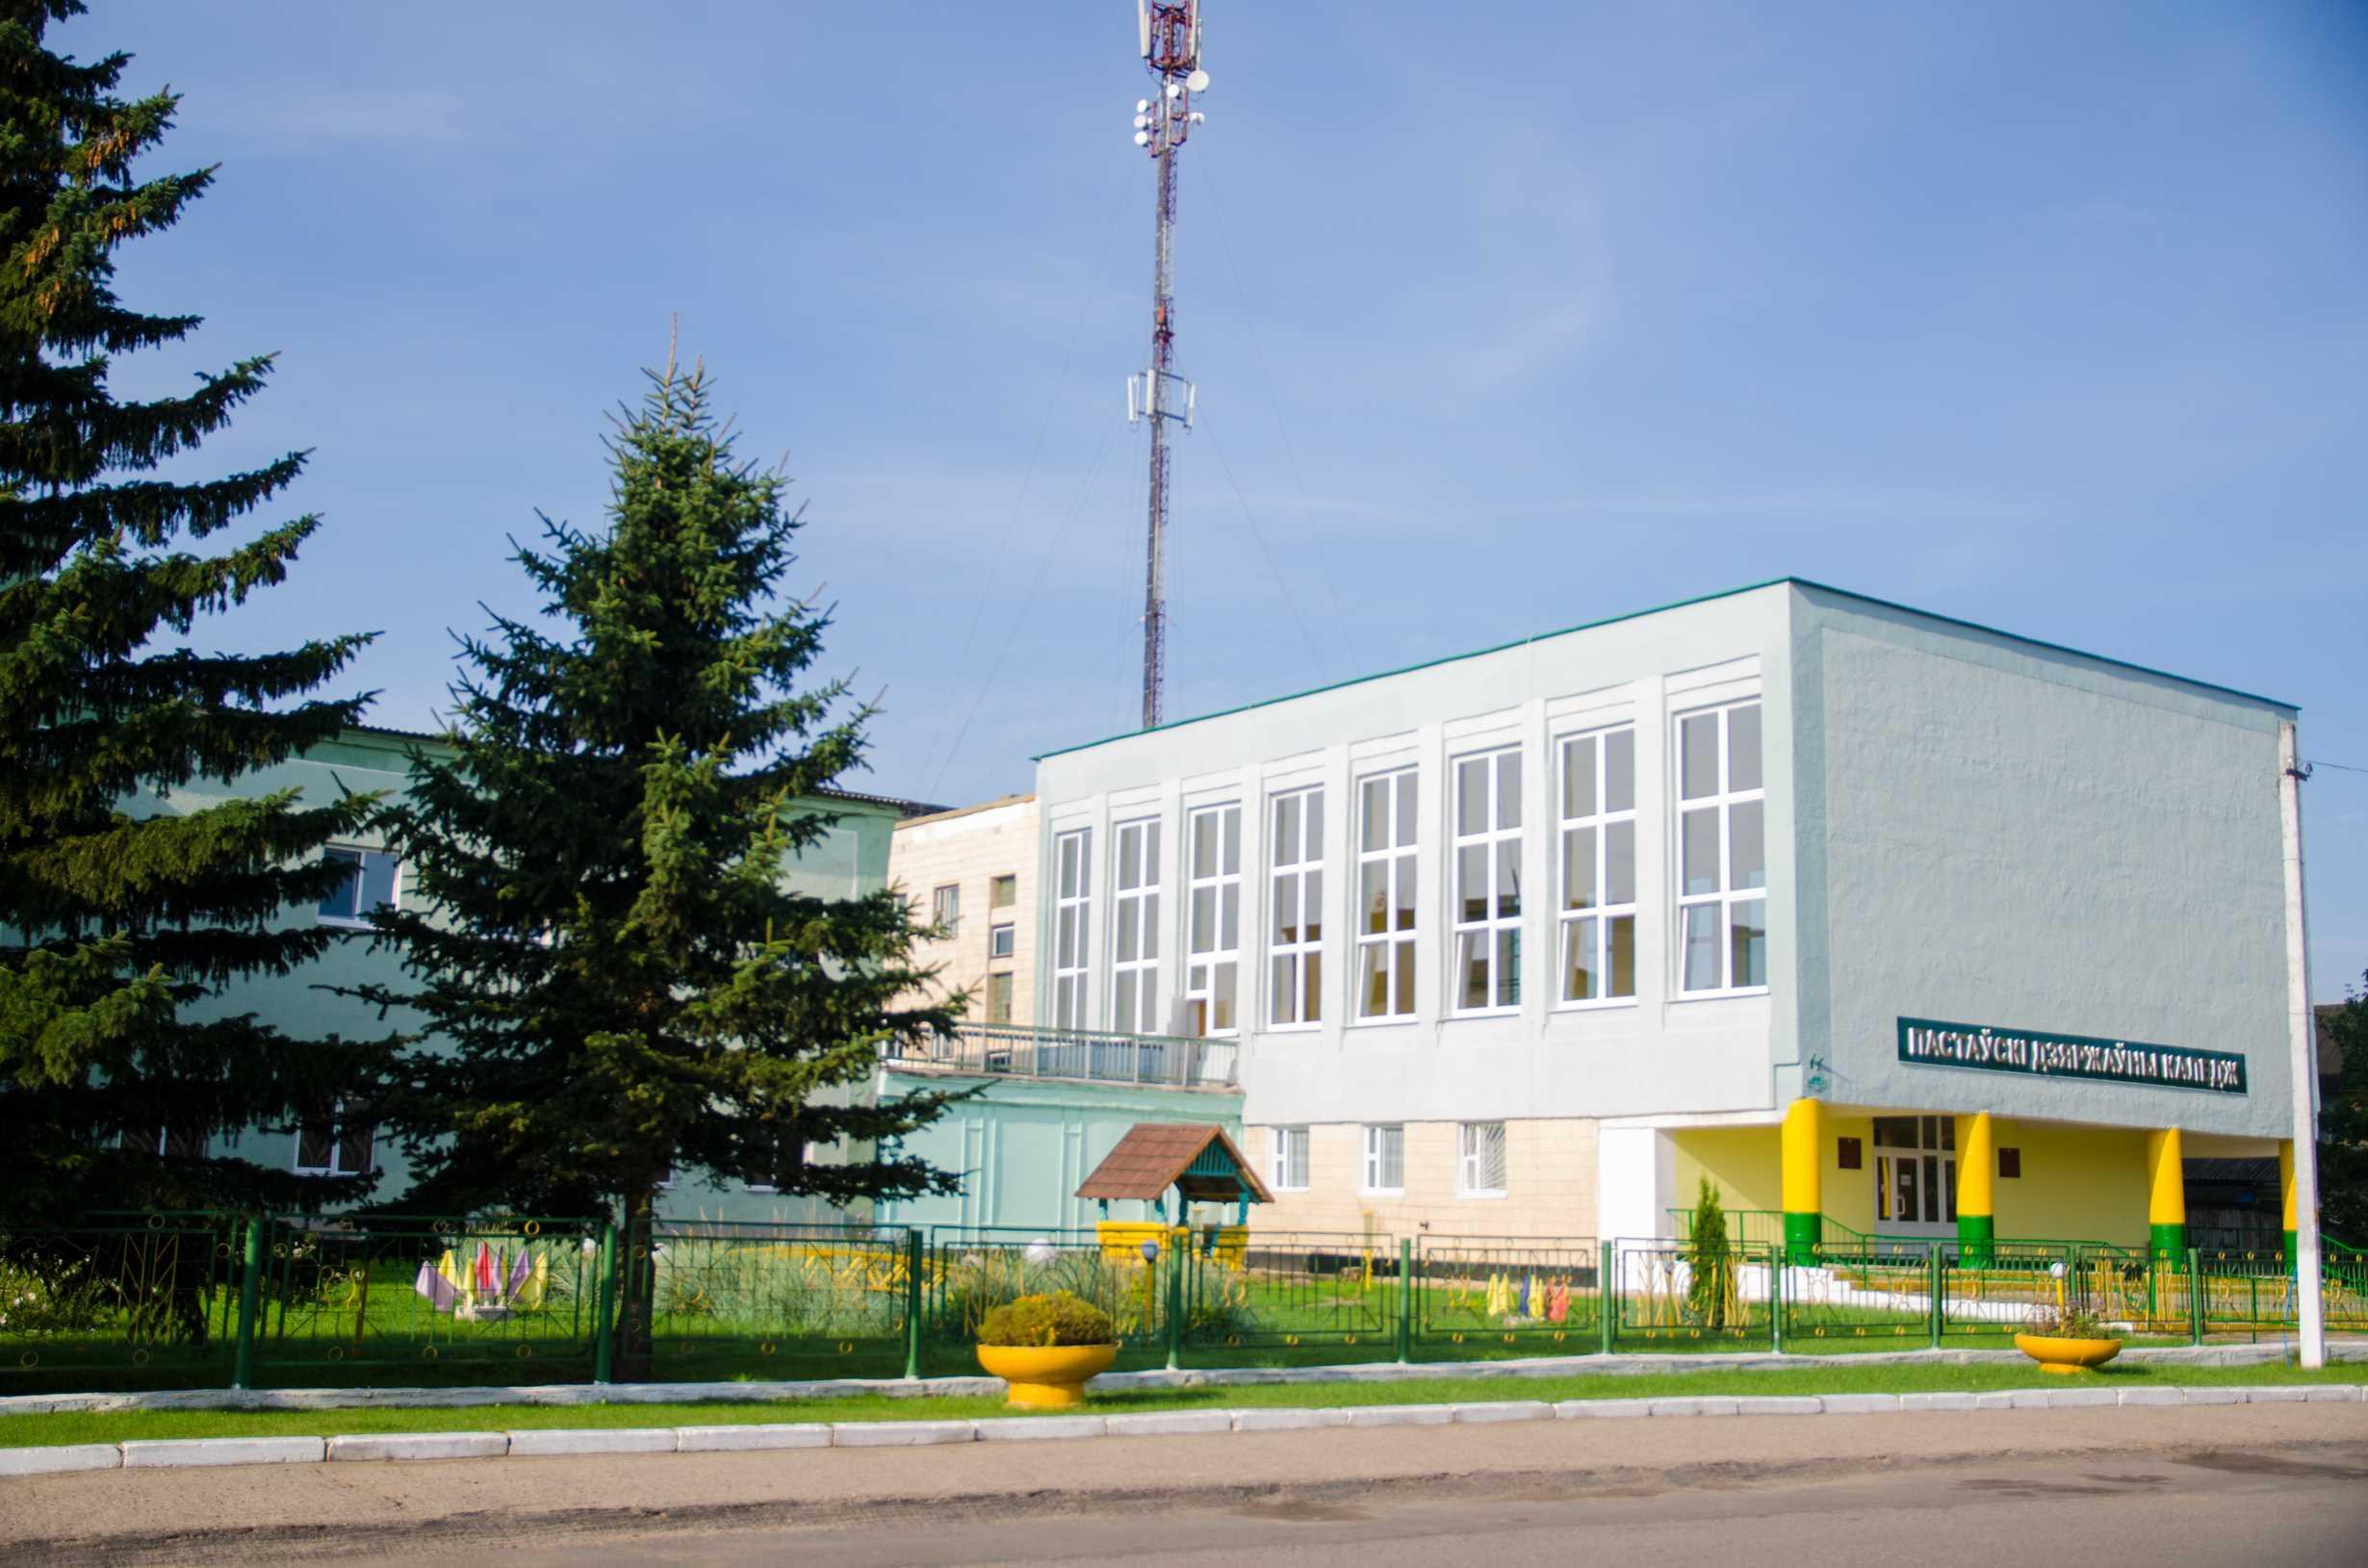 распространении заражения корнавирусом в Поставсмком государственном колледже